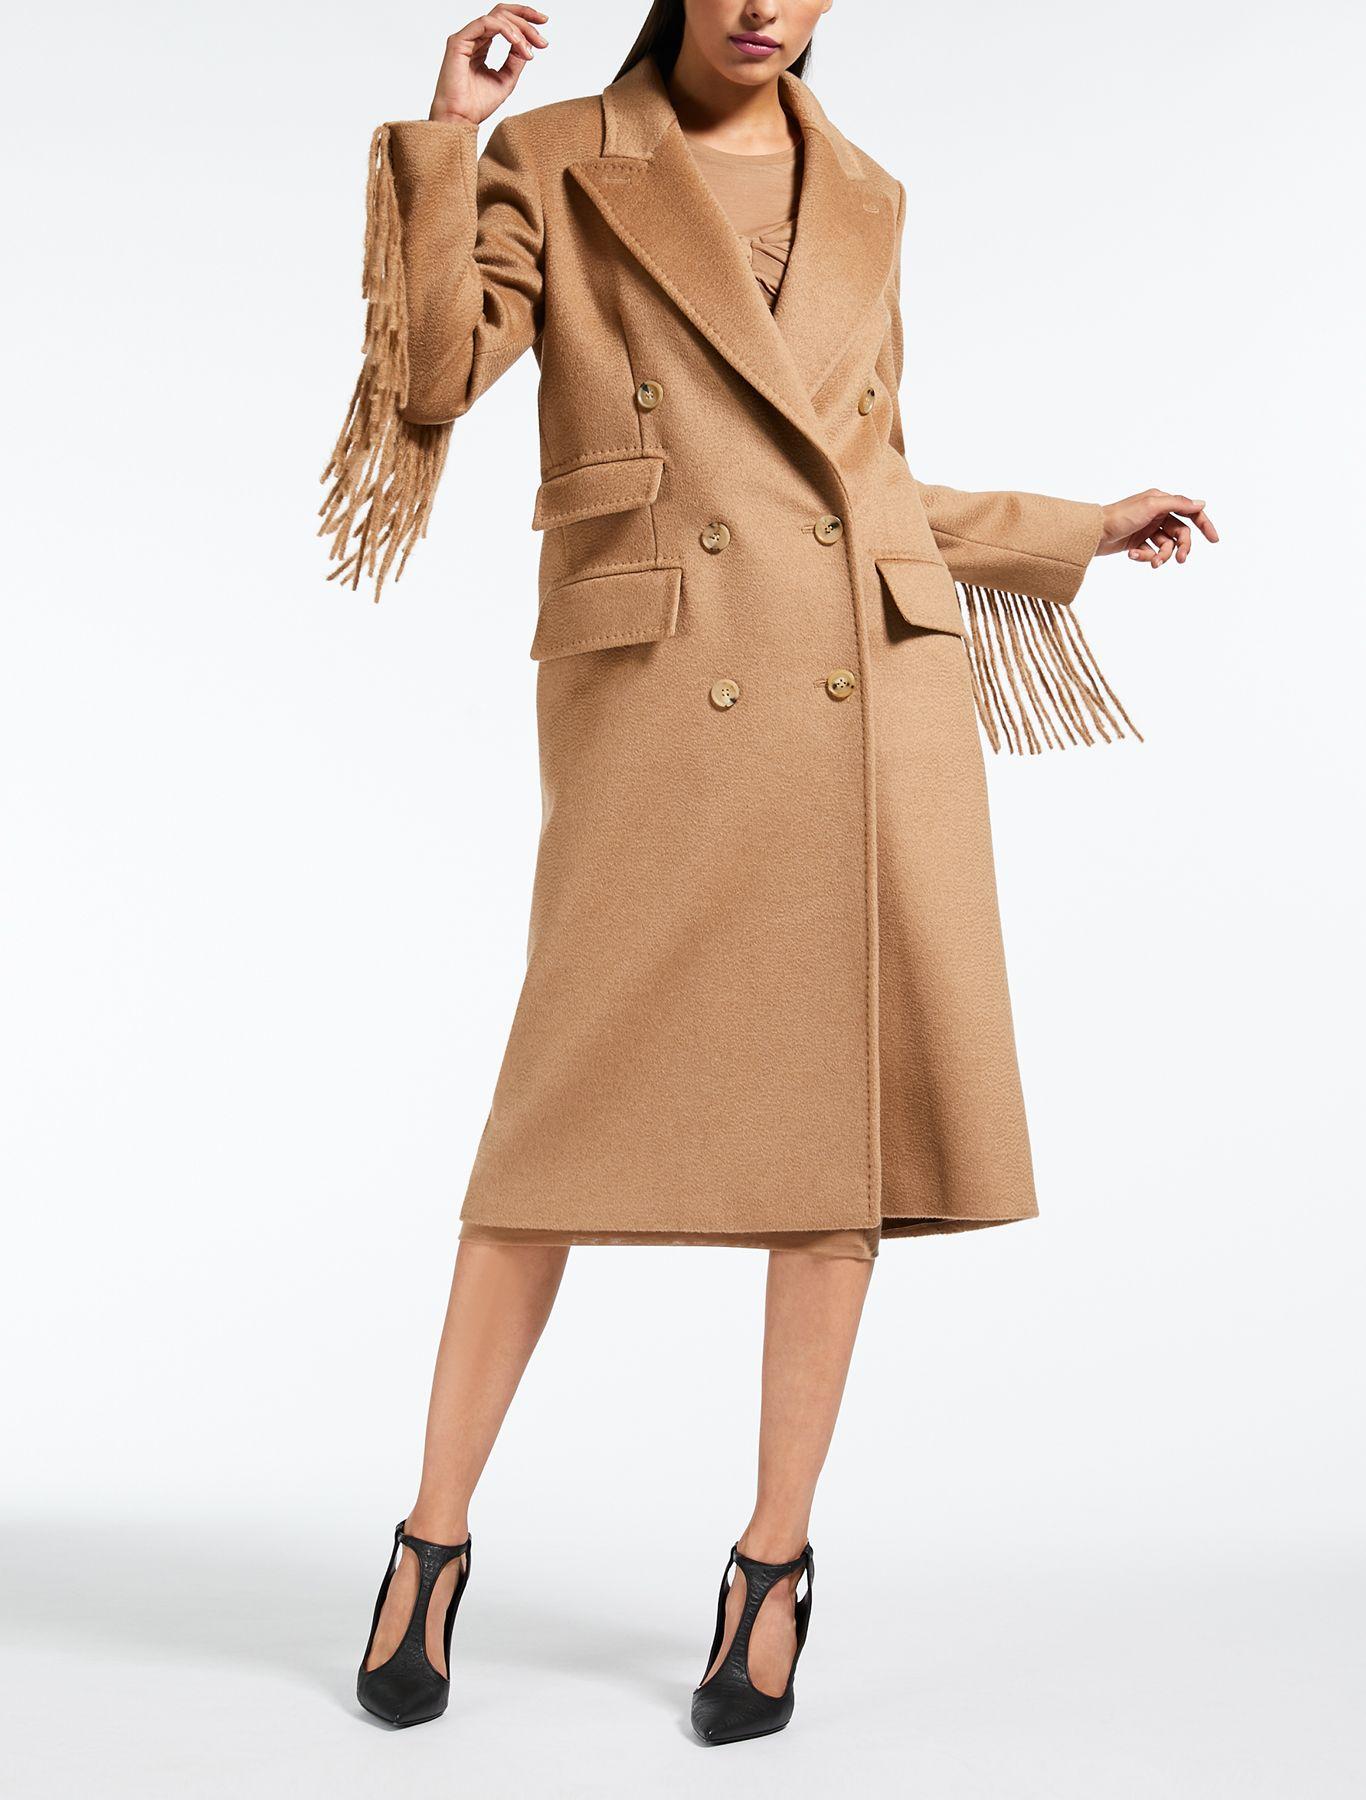 tendenza cappotti cammello, cappotti cammello max mara 2019